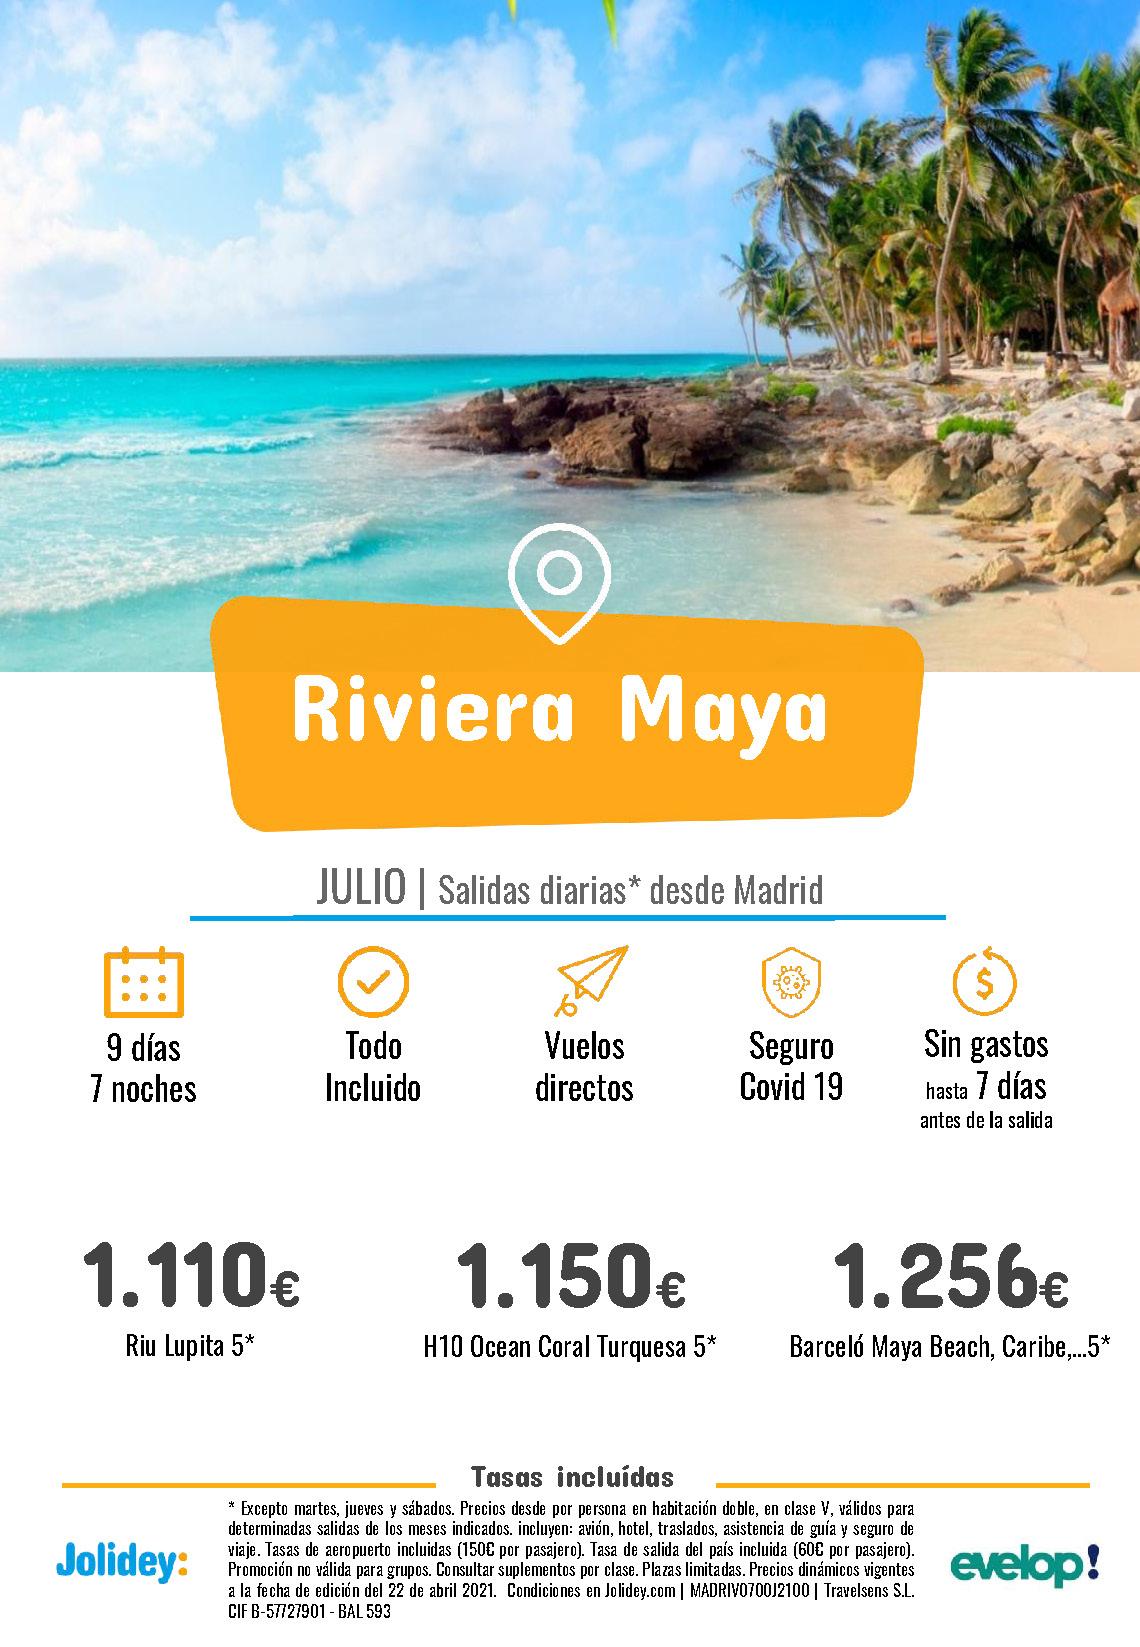 Ofertas Jolidey Riviera Maya Julio 2021 vuelo directo desde Madrid